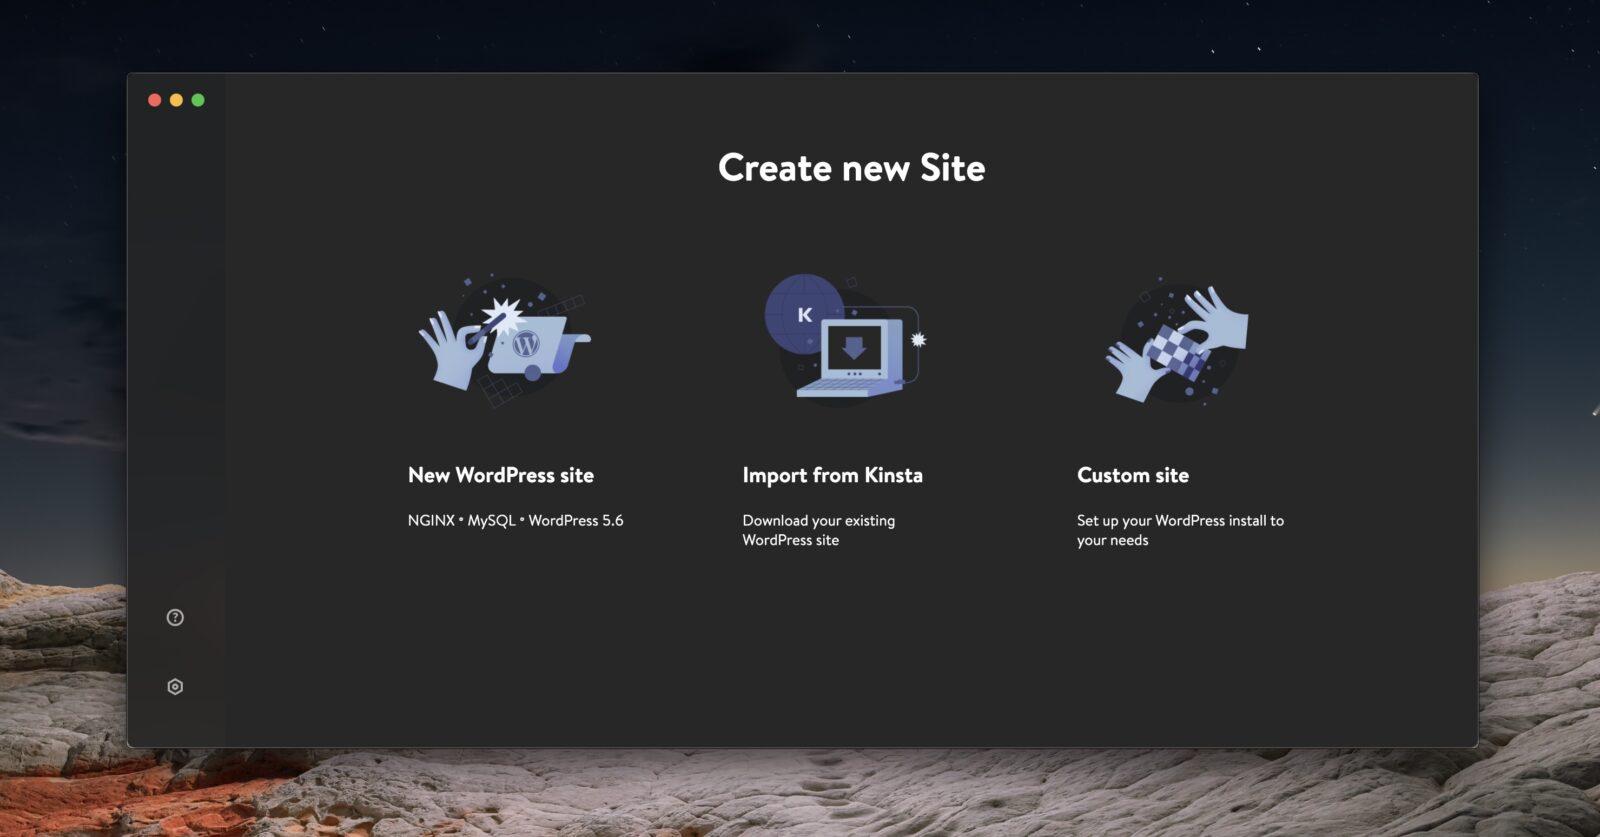 L'écran d'accueil de DevKinsta, qui permet d'installer son premier site